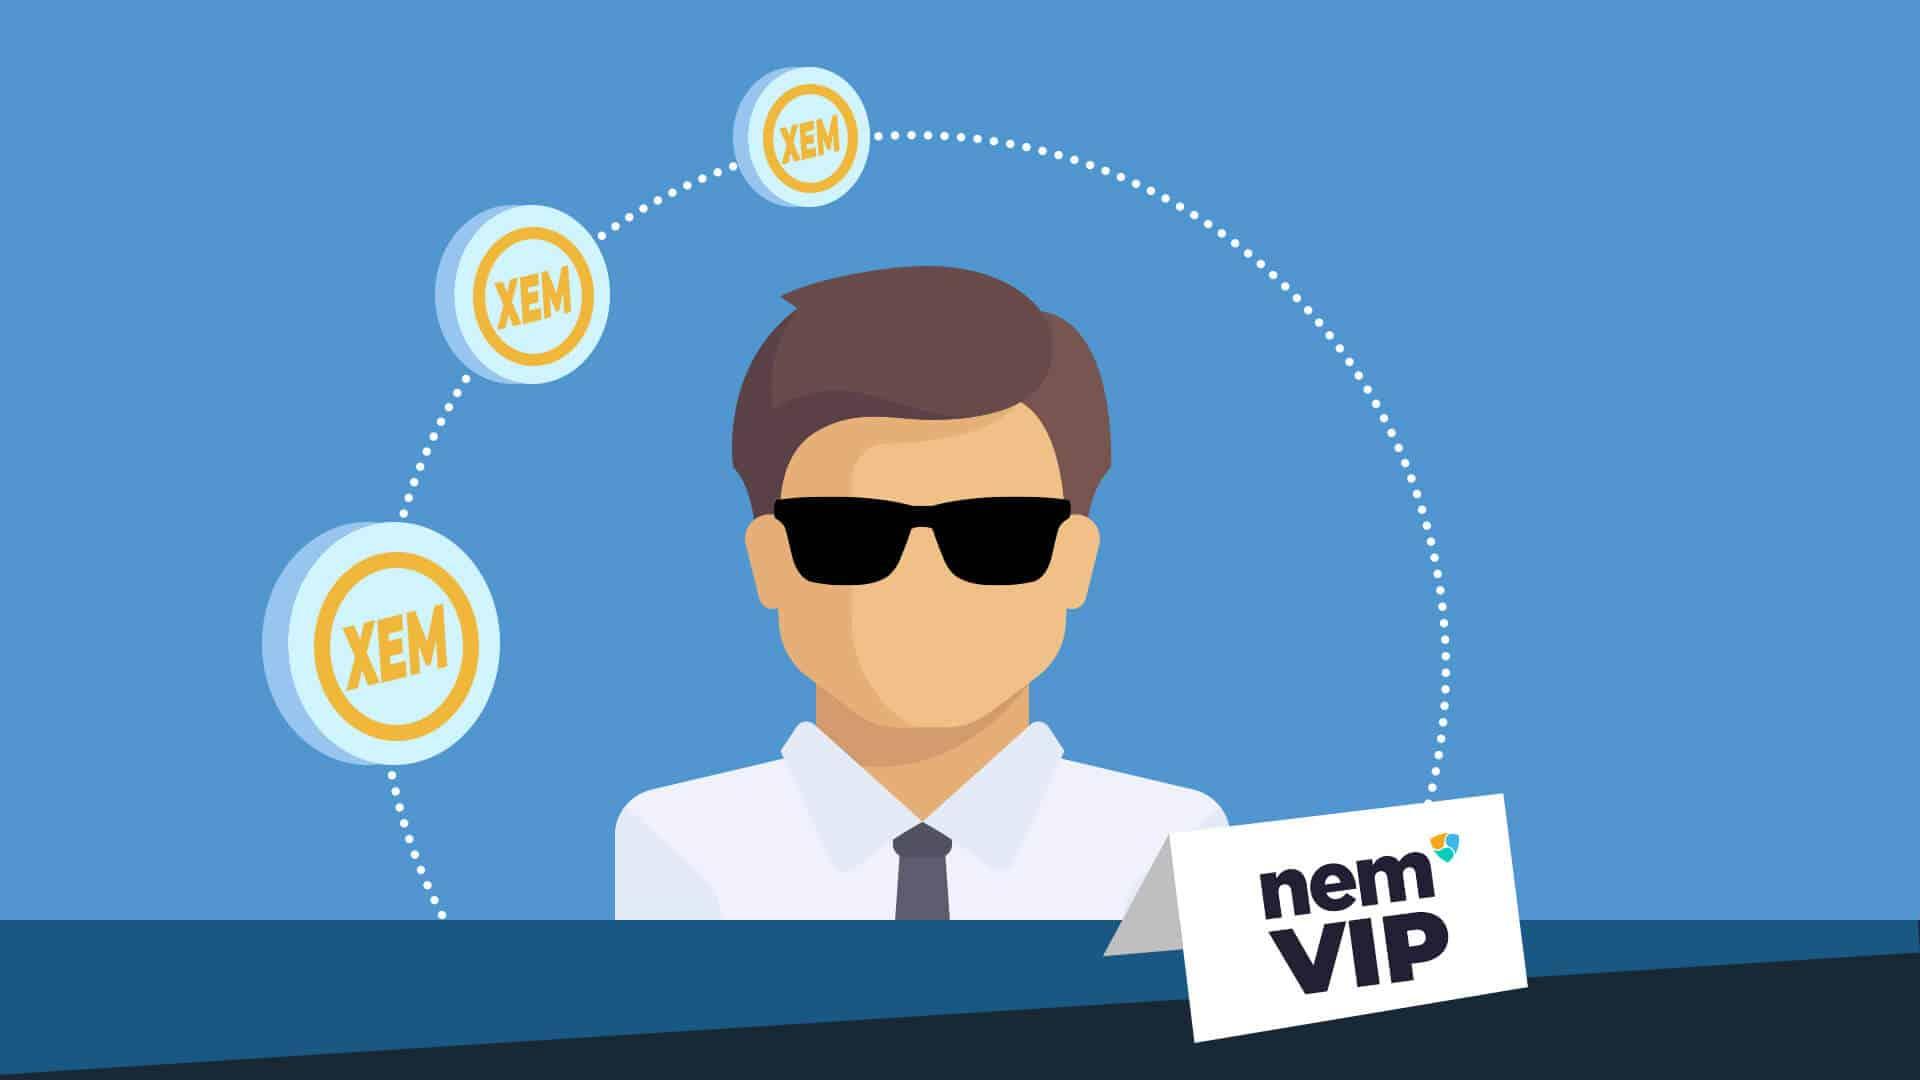 Proof of Importance, dargestellt durch einen VIP der Kryptowährung NEM